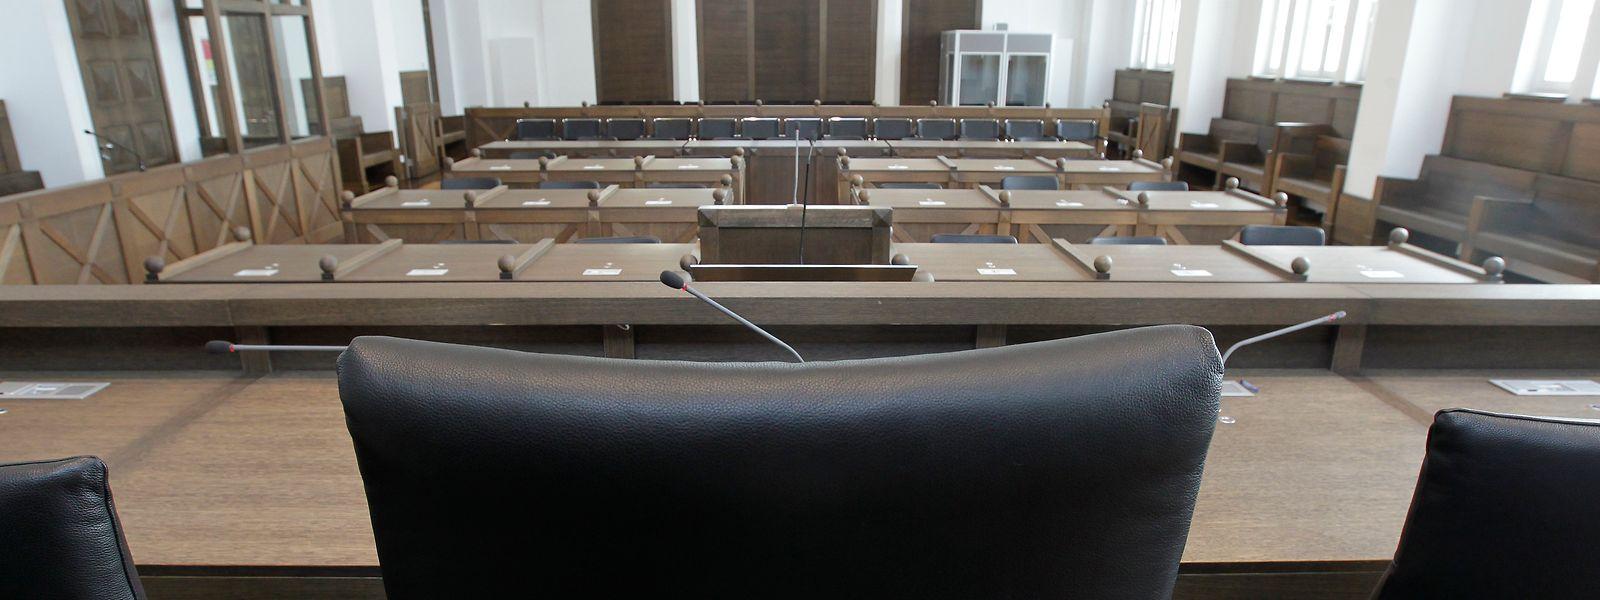 O tribunal do Grão-Ducado aprecia uma queixa por incitamento ao ódio e à violência.